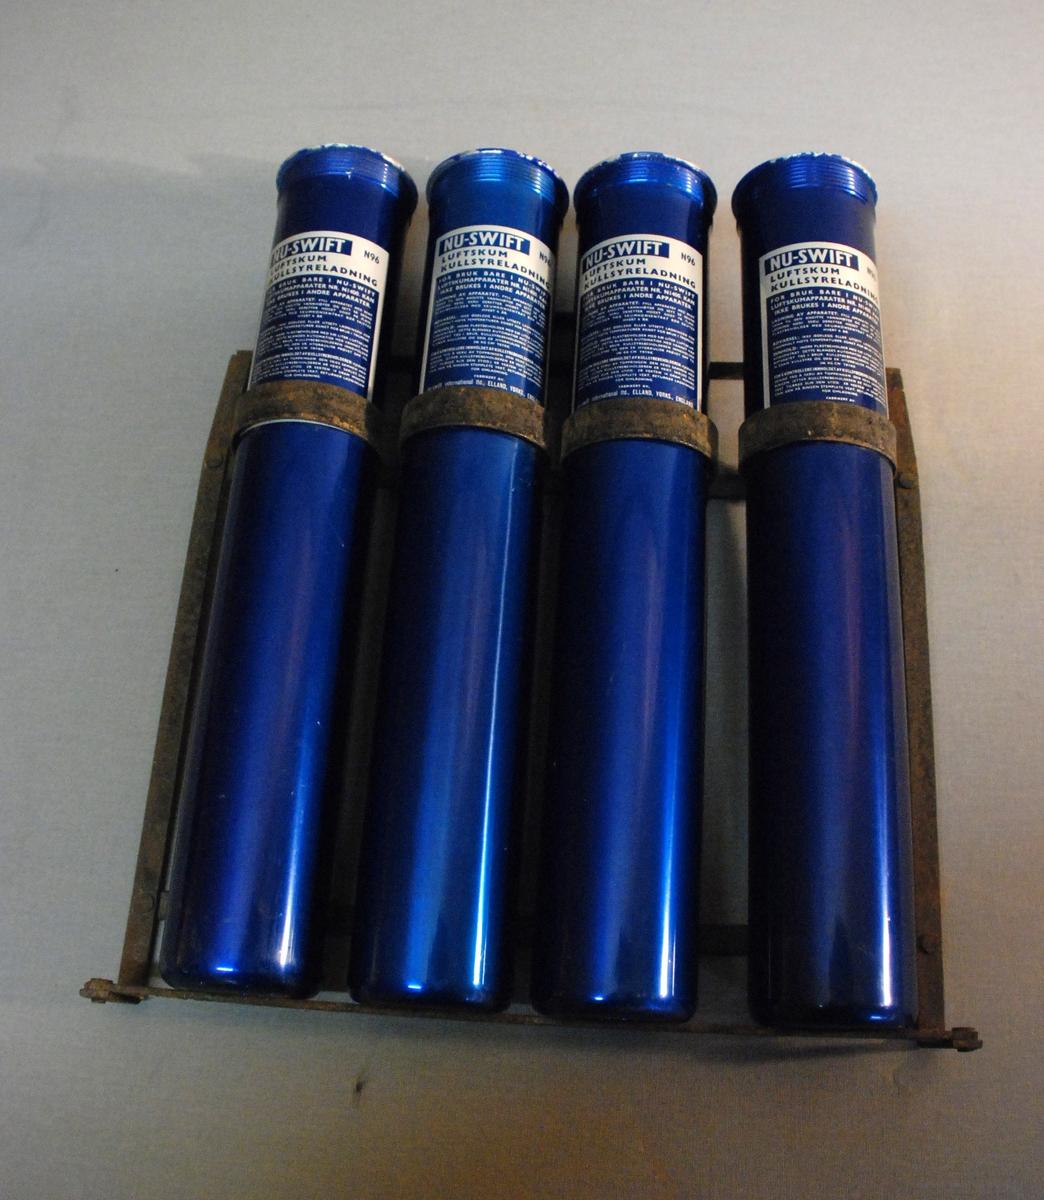 Metallstativ med fire  sylindriske patroner. Blå med hvit påtrykt tekst: Nu-swift Luftskum kullsyreladning M 96